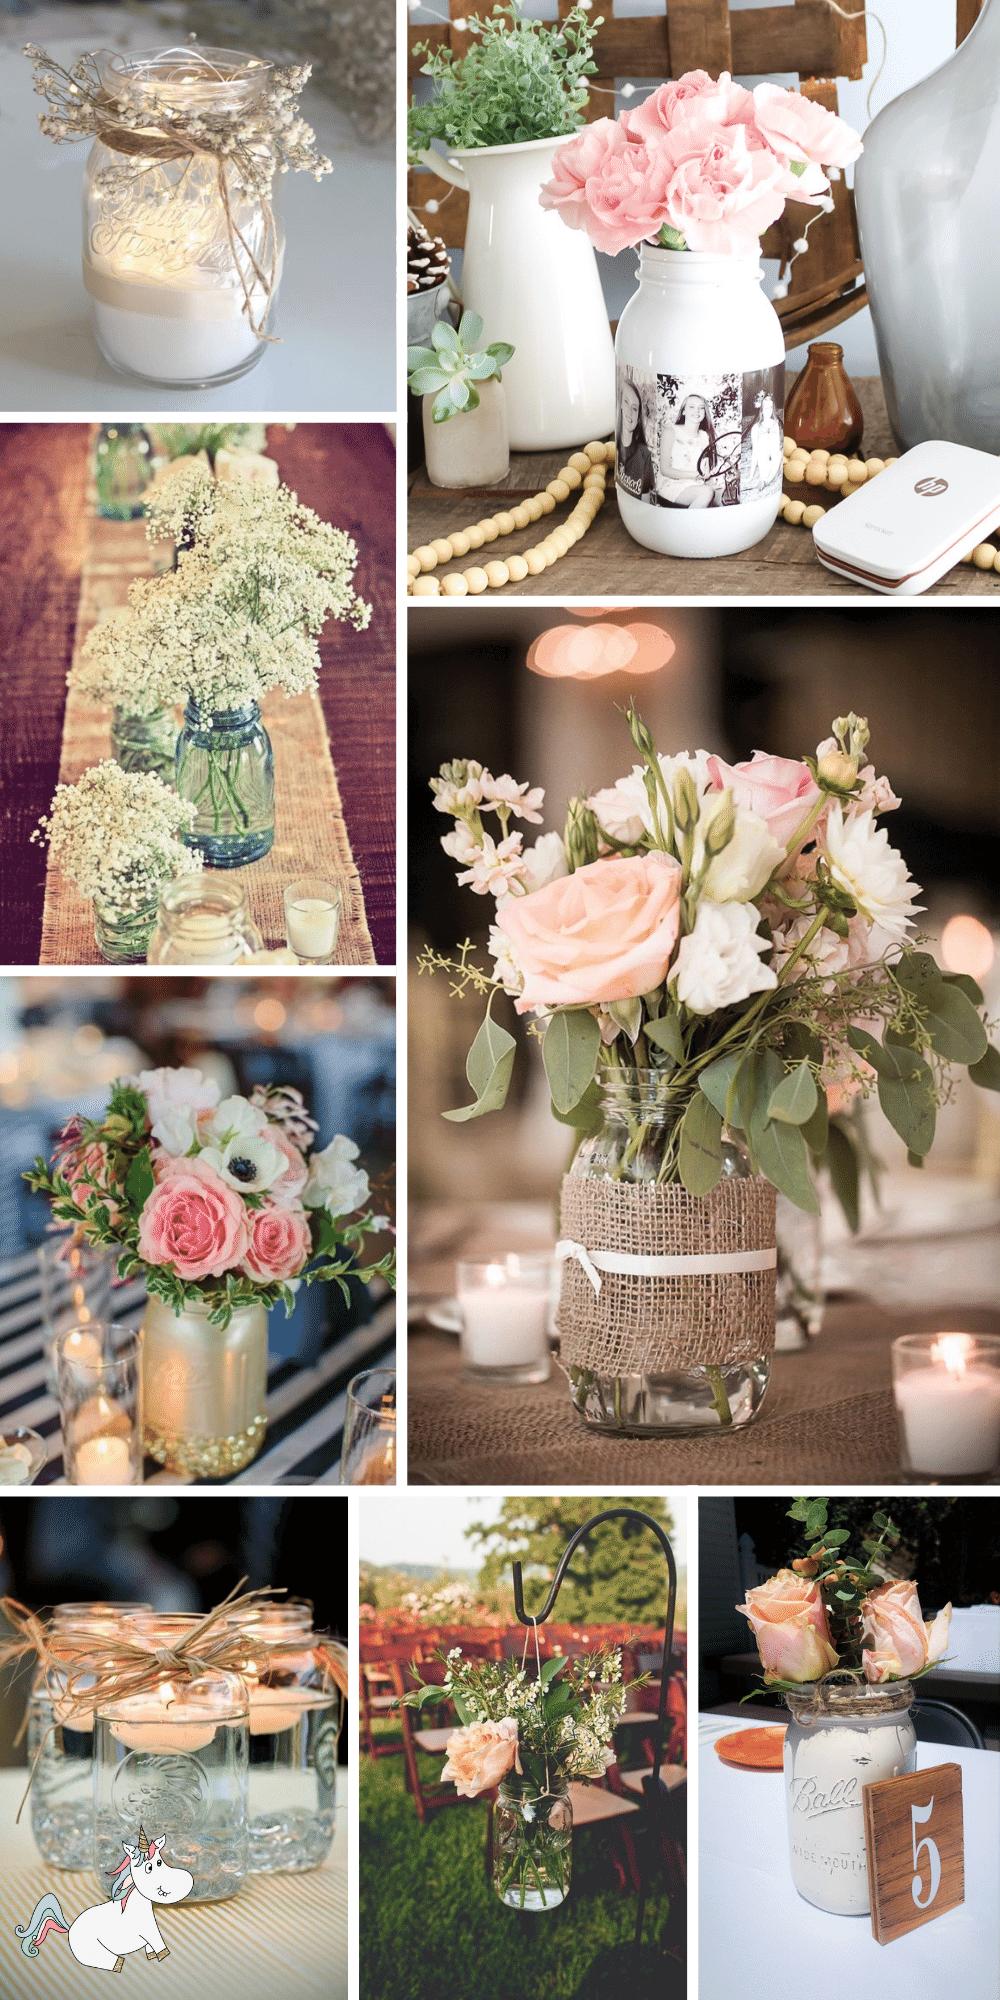 101 DIY Wedding Mason Jar Ideas You'll Love!